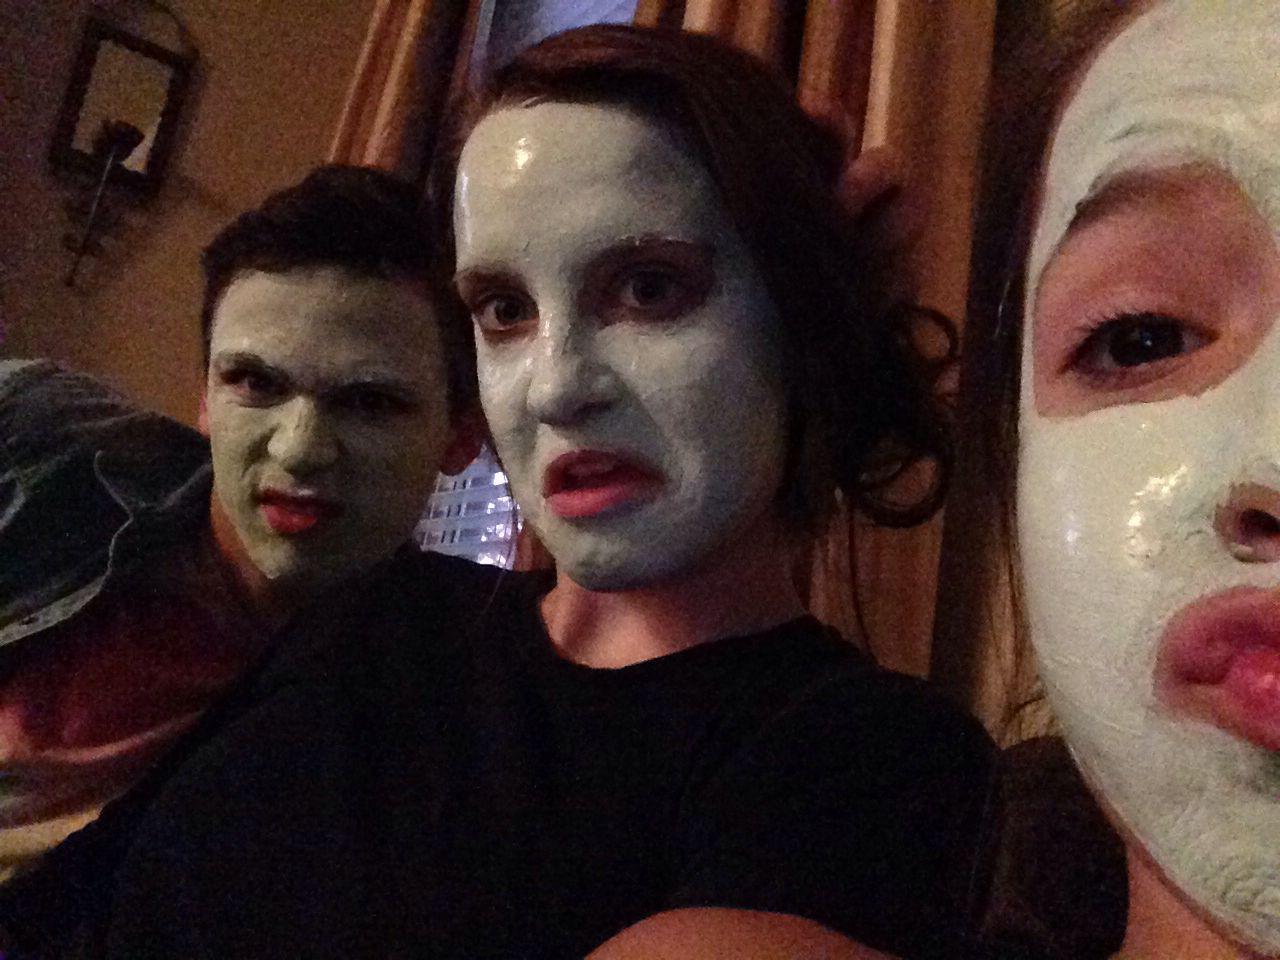 Face masks!